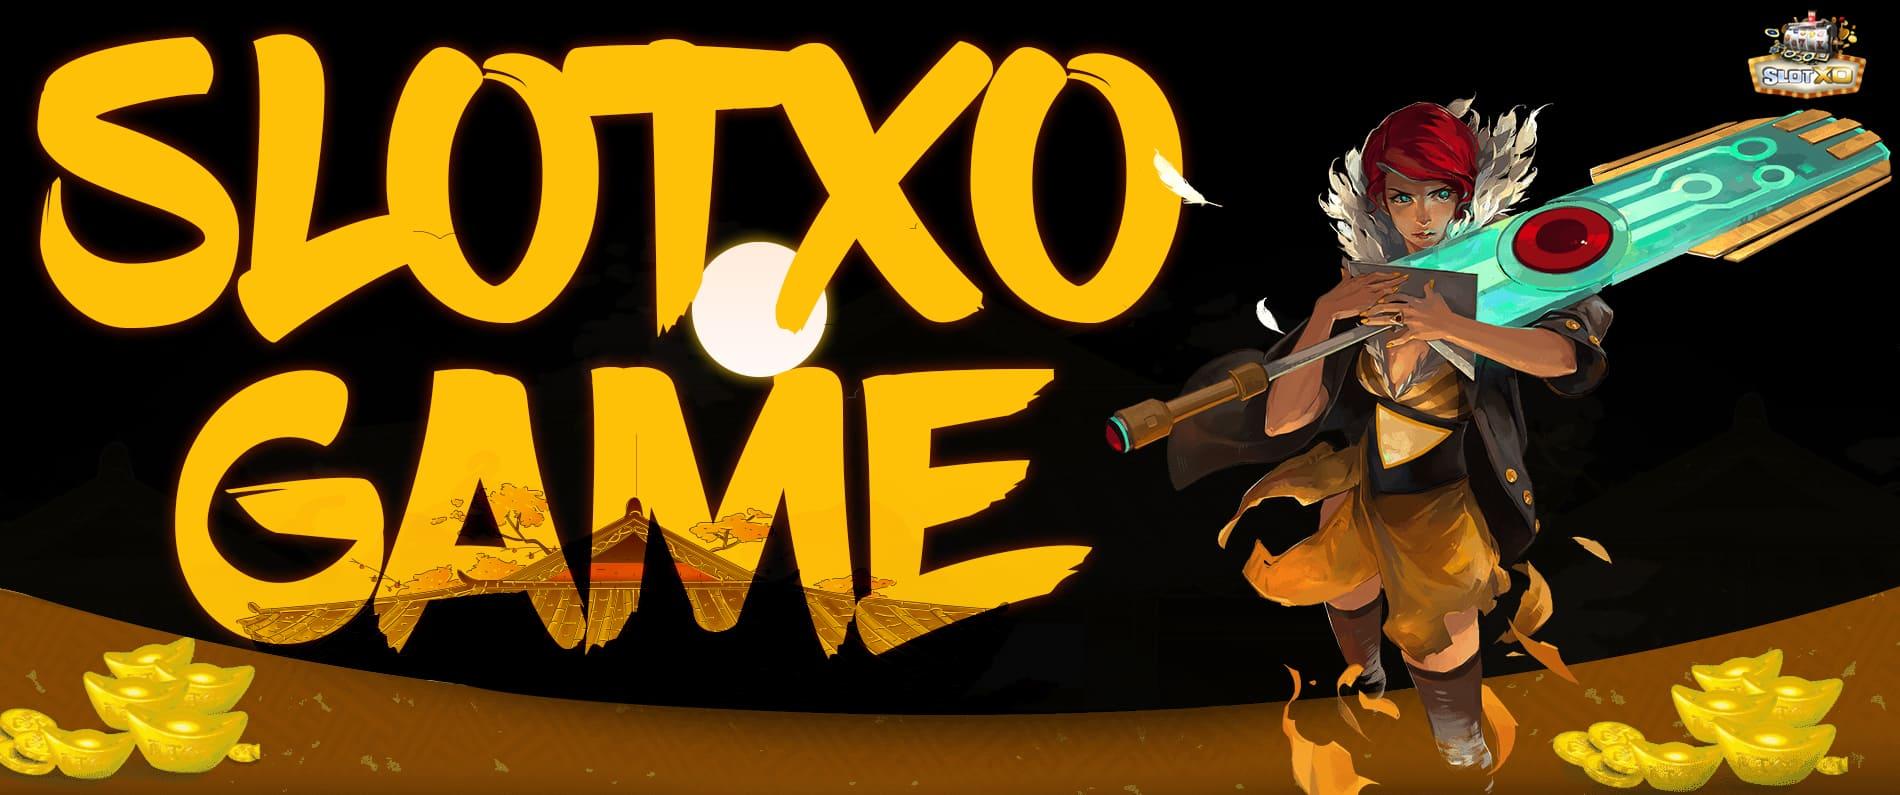 slotxo game ทดลองเล่นslotxo สมัครslotxo